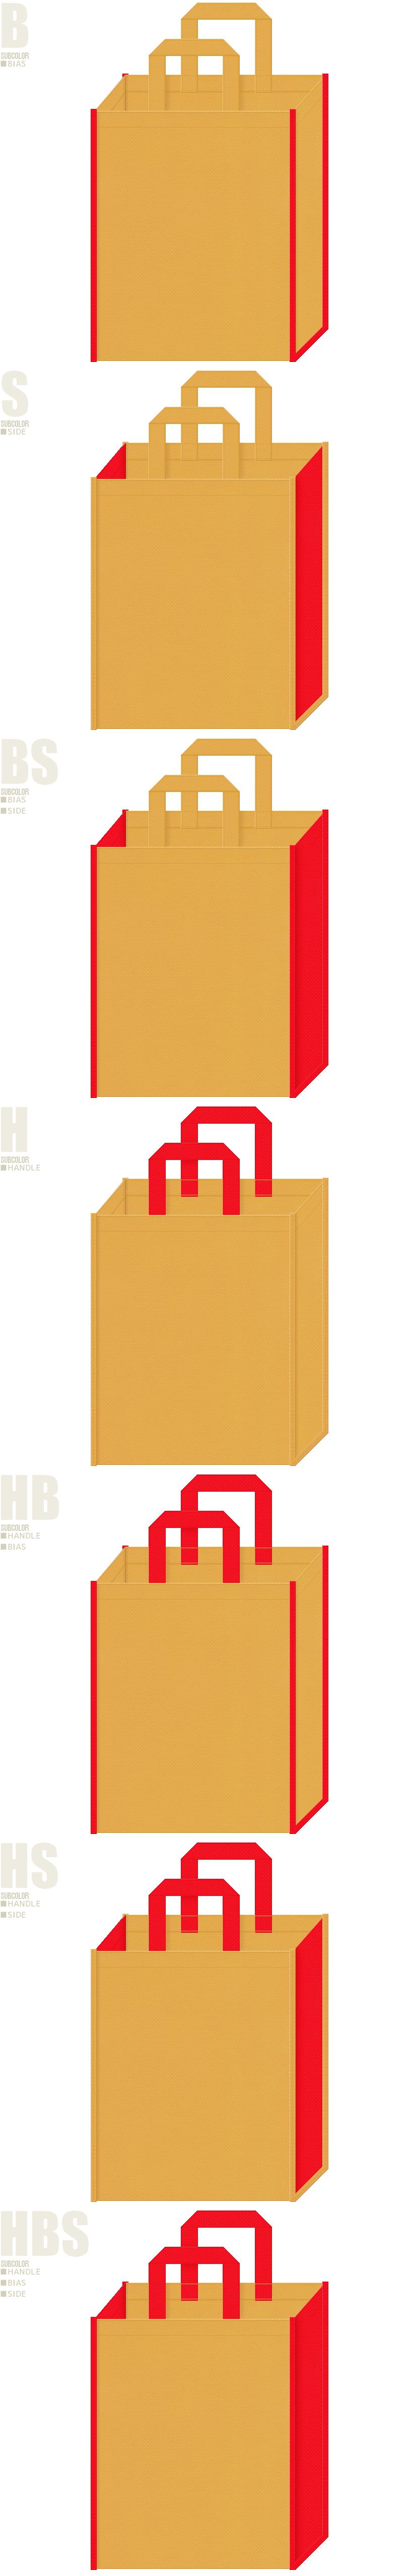 絵本・むかし話・赤鬼・節分・大豆・一合枡・和風催事にお奨めの不織布バッグデザイン:黄土色と赤色の配色7パターン